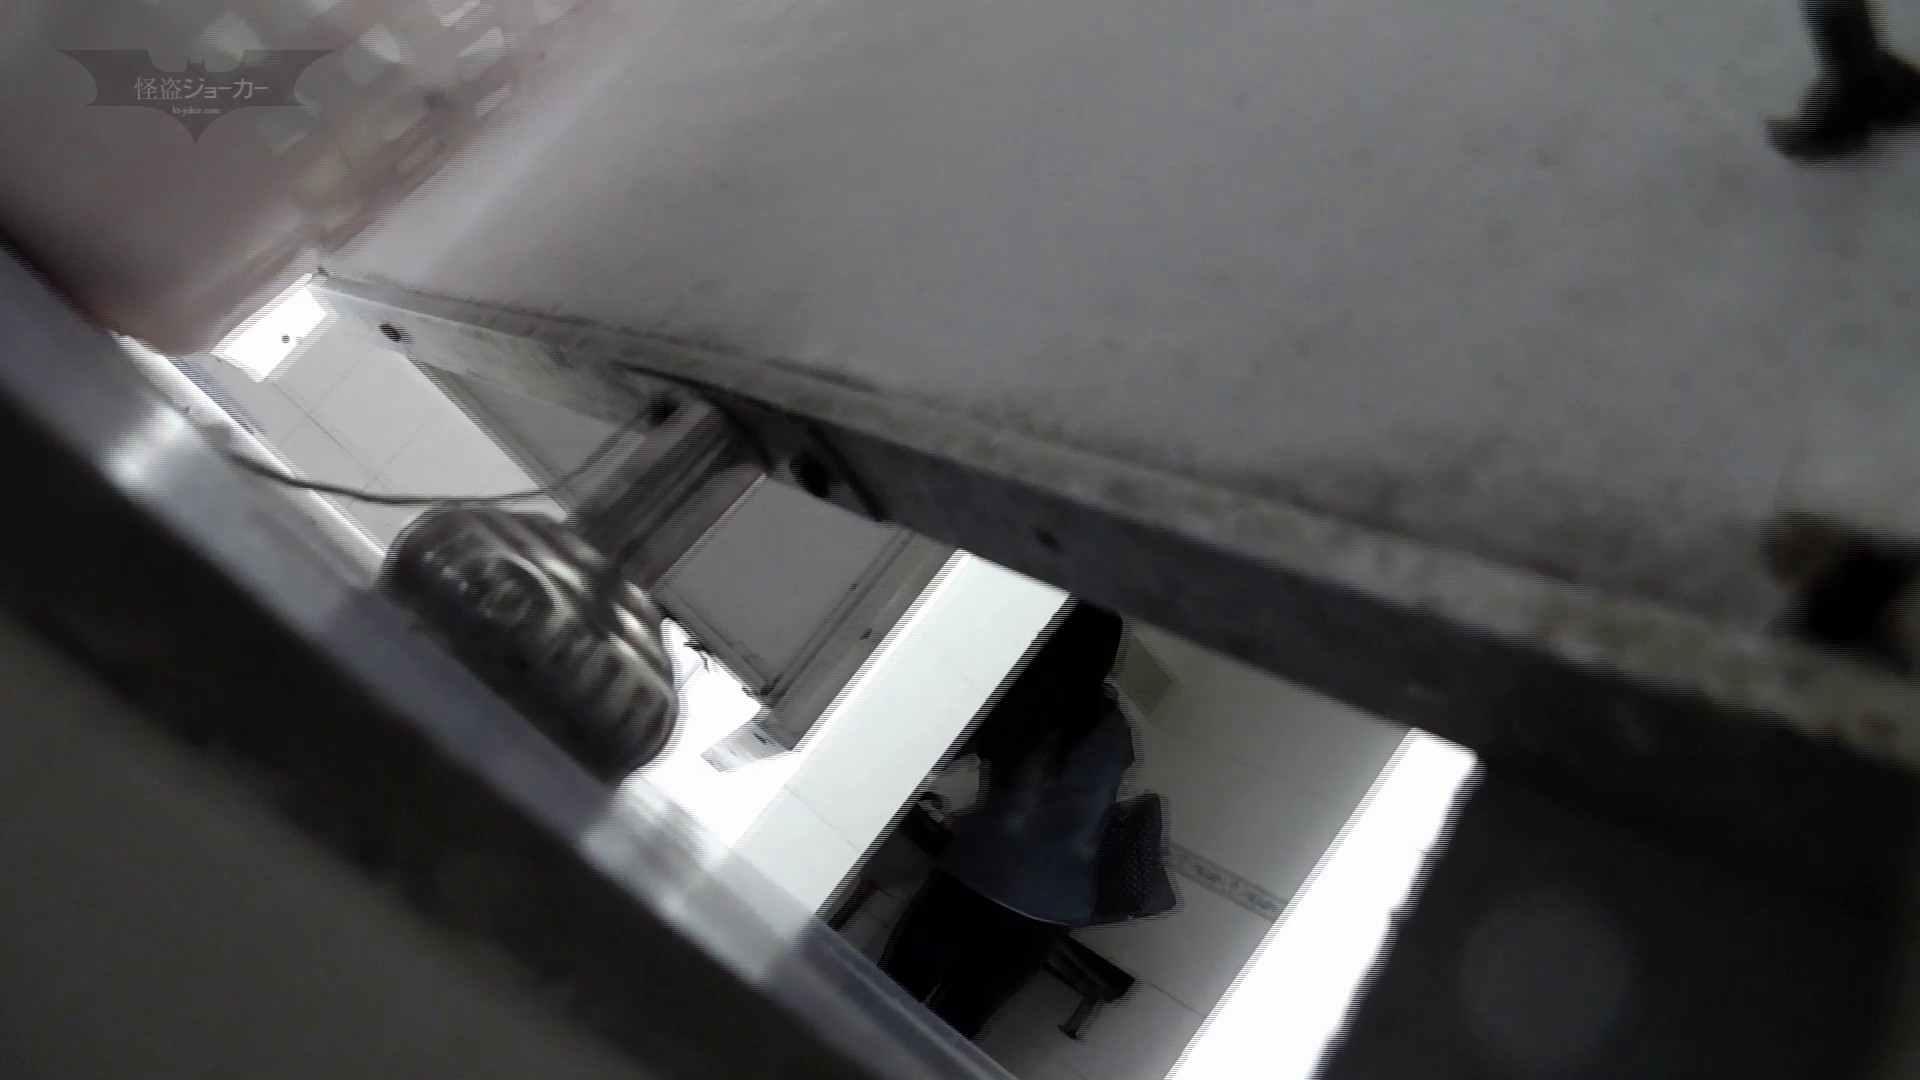 下からノゾム vol.030 びしょびしょの連続、お尻半分濡れるほど、 エッチすぎるOL達  67連発 56